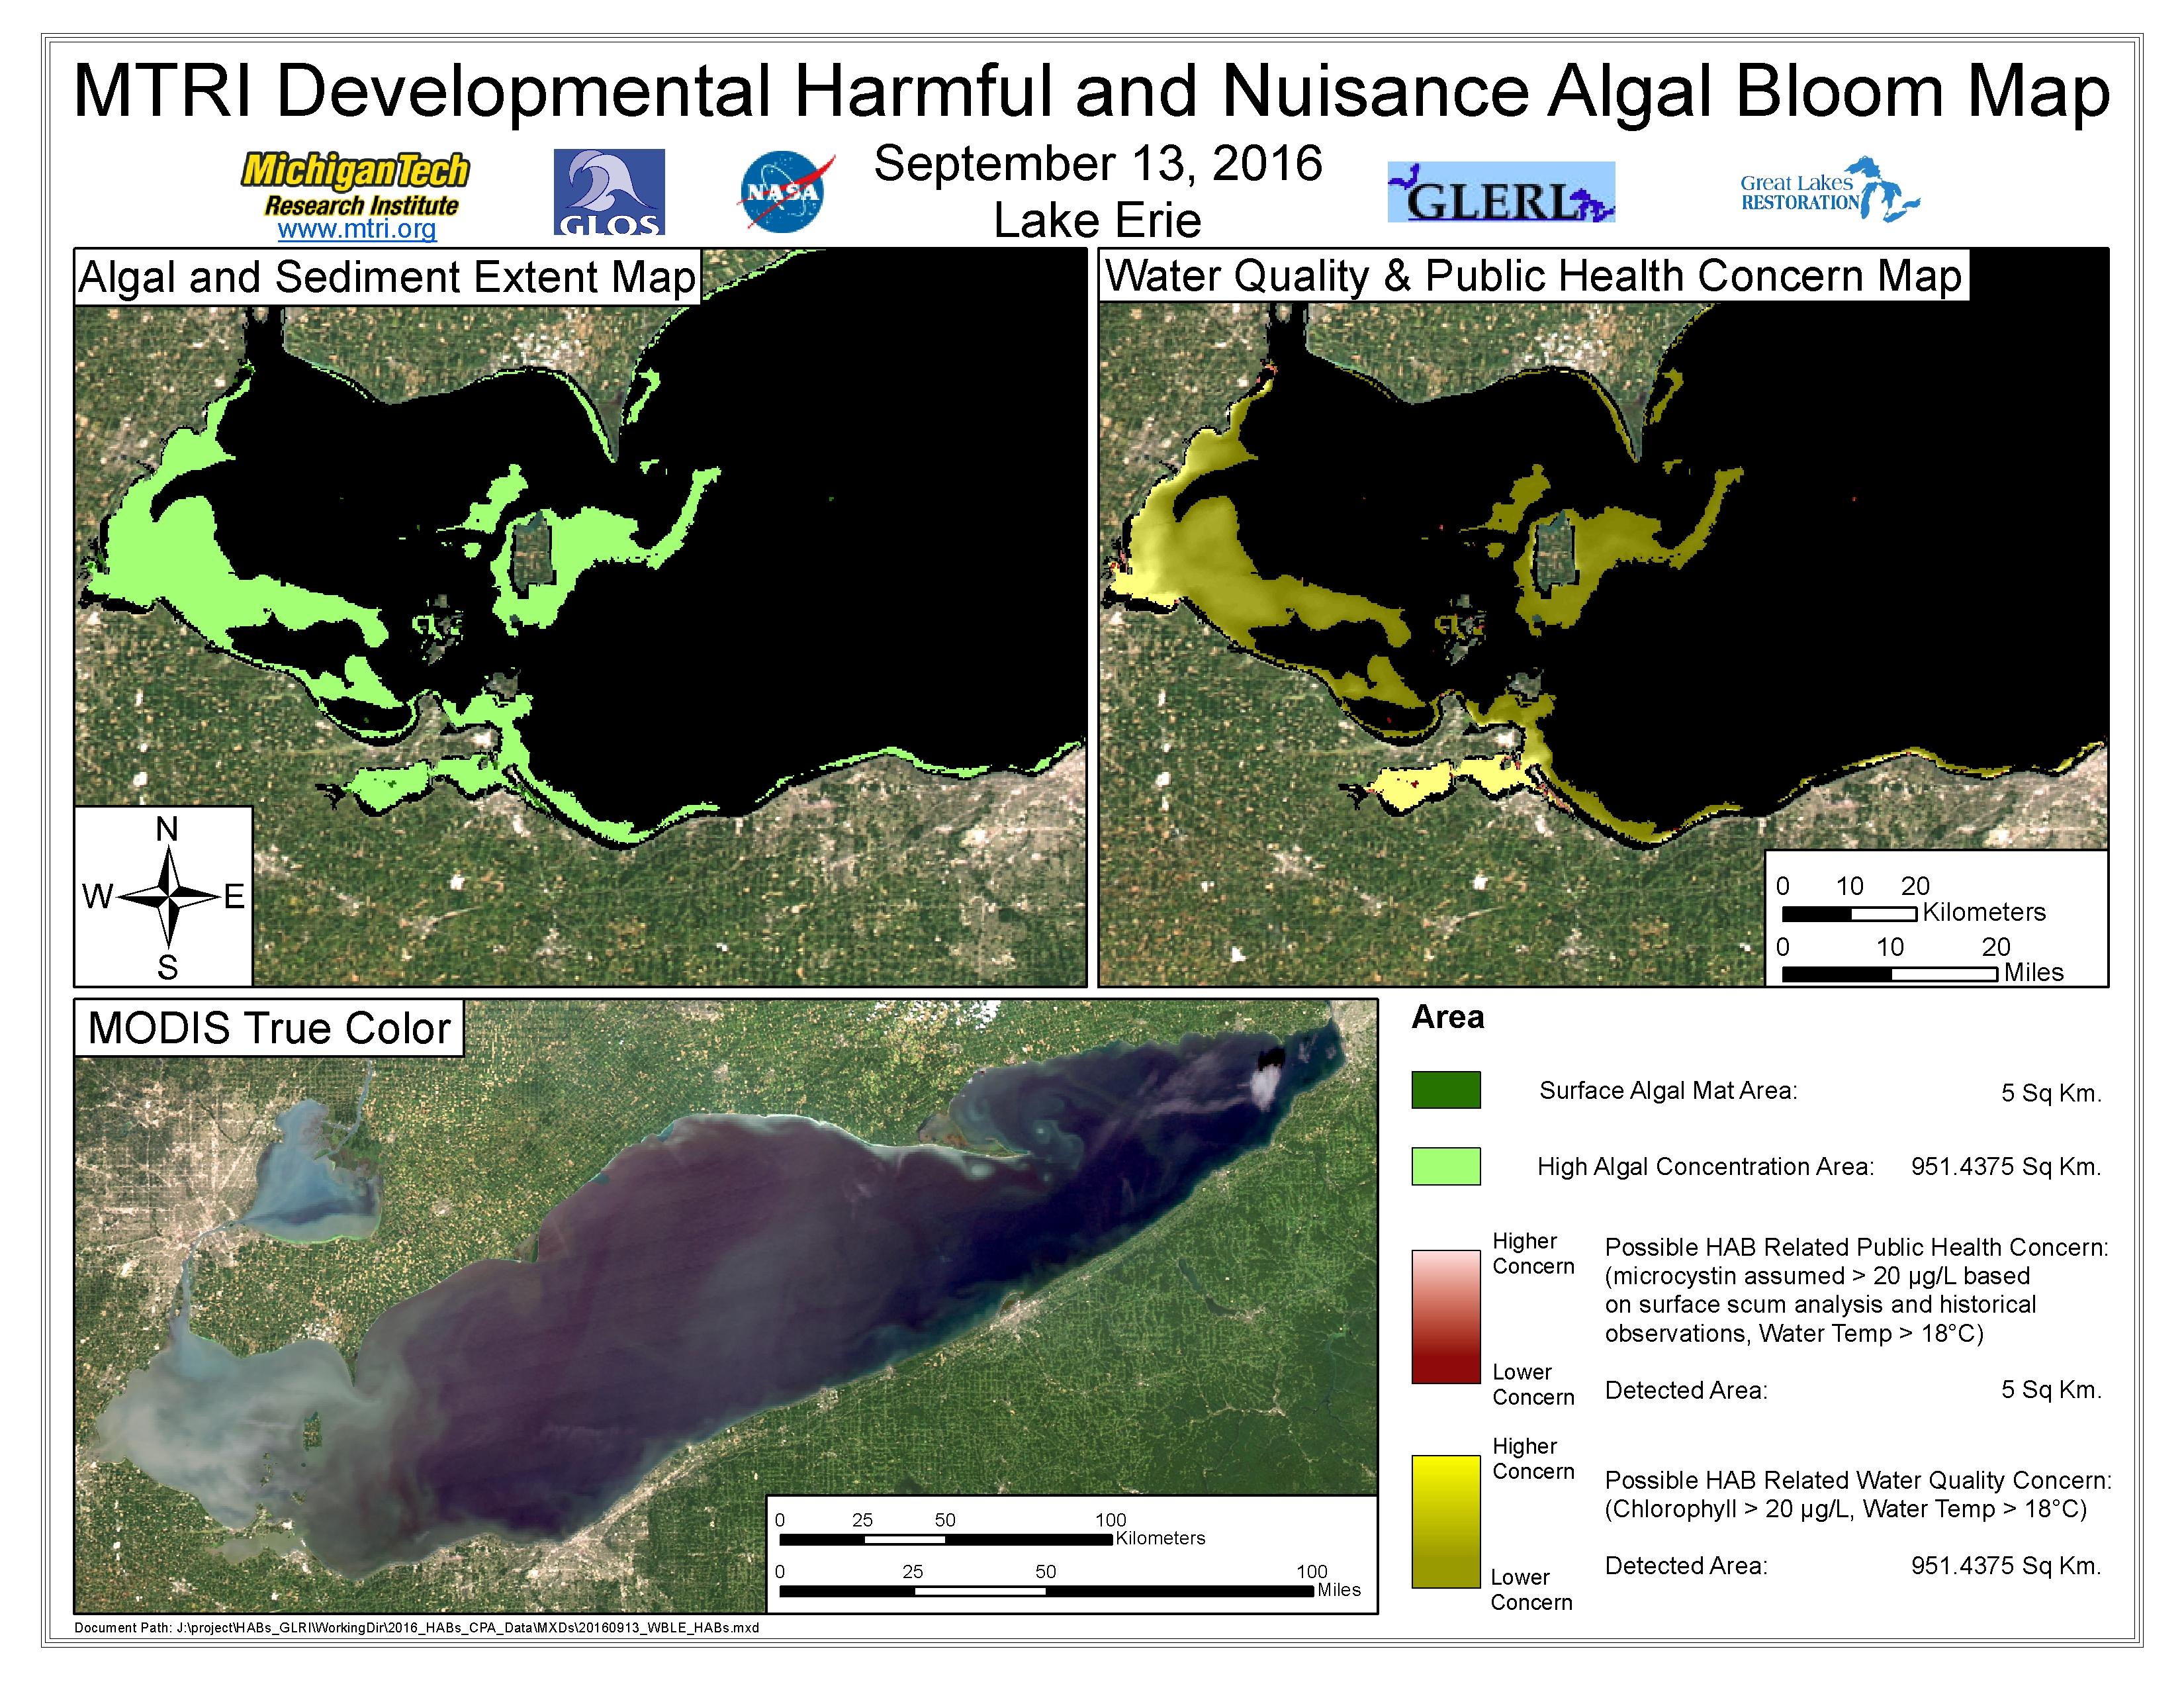 MODIS Aqua retrieval September 13, 2016